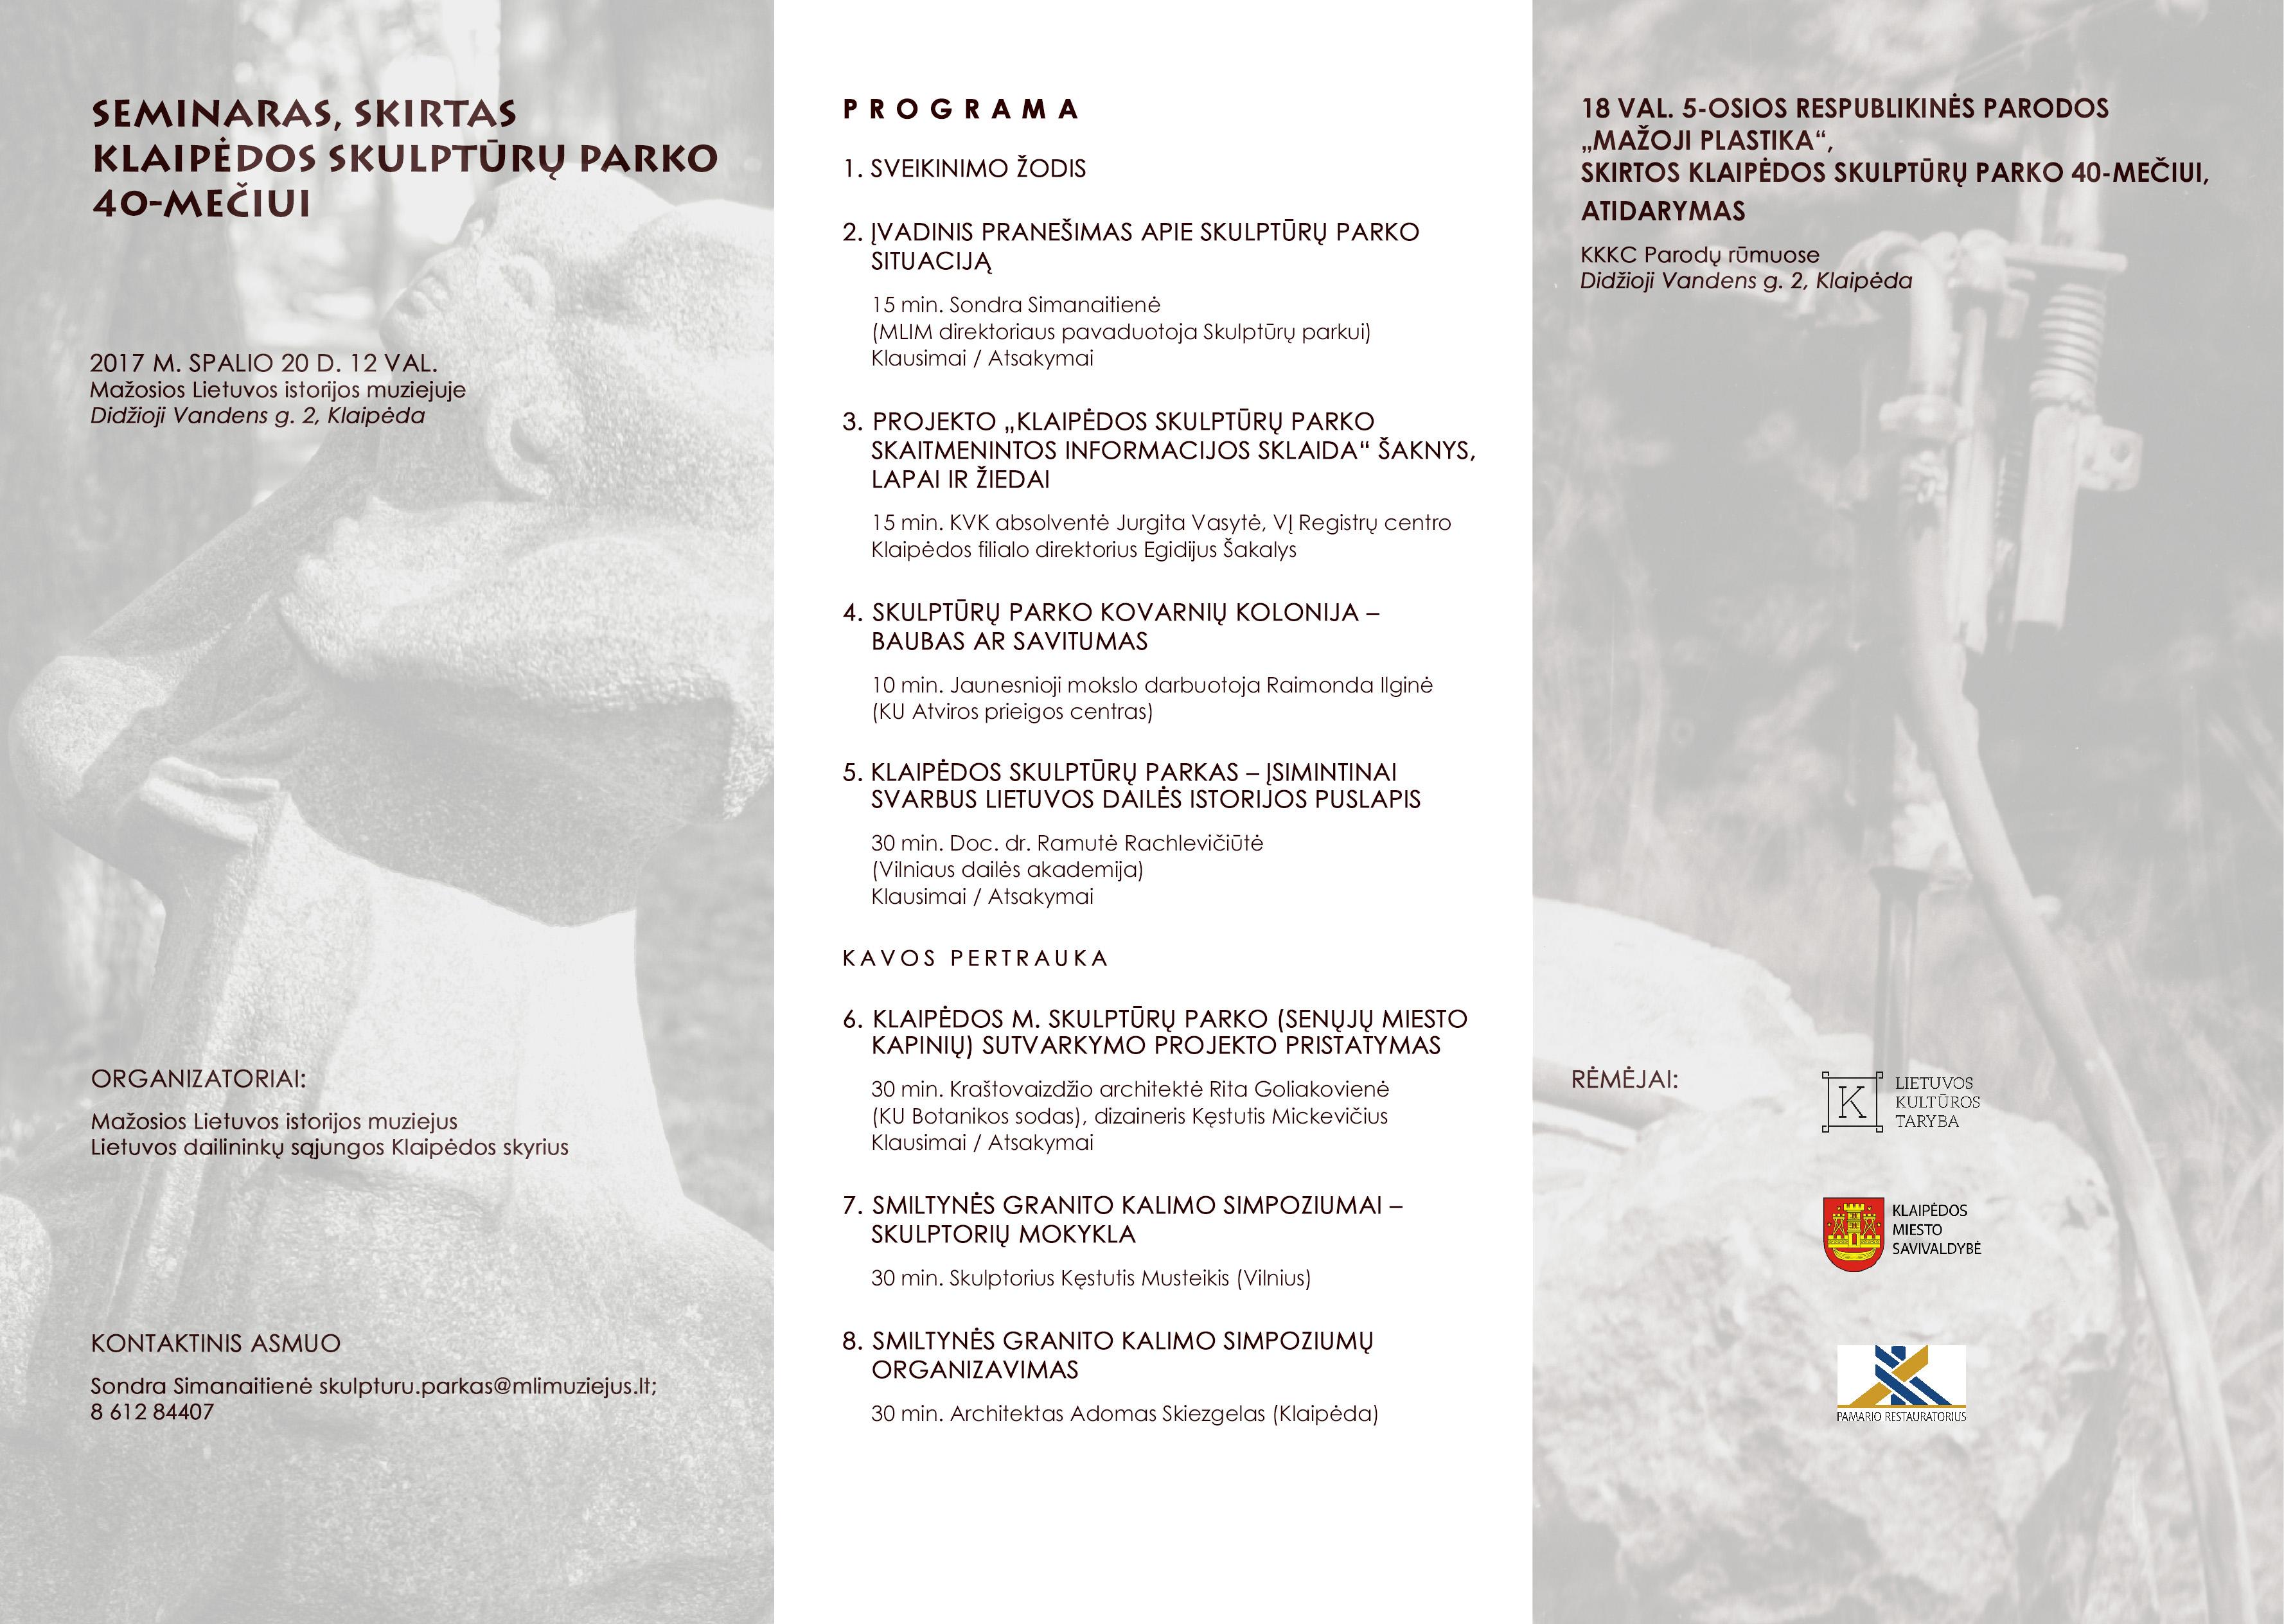 Seminaro programa. Klaipėdos skulptūrų parkas | Mažosios Lietuvos istorijos muziejaus nuotr.